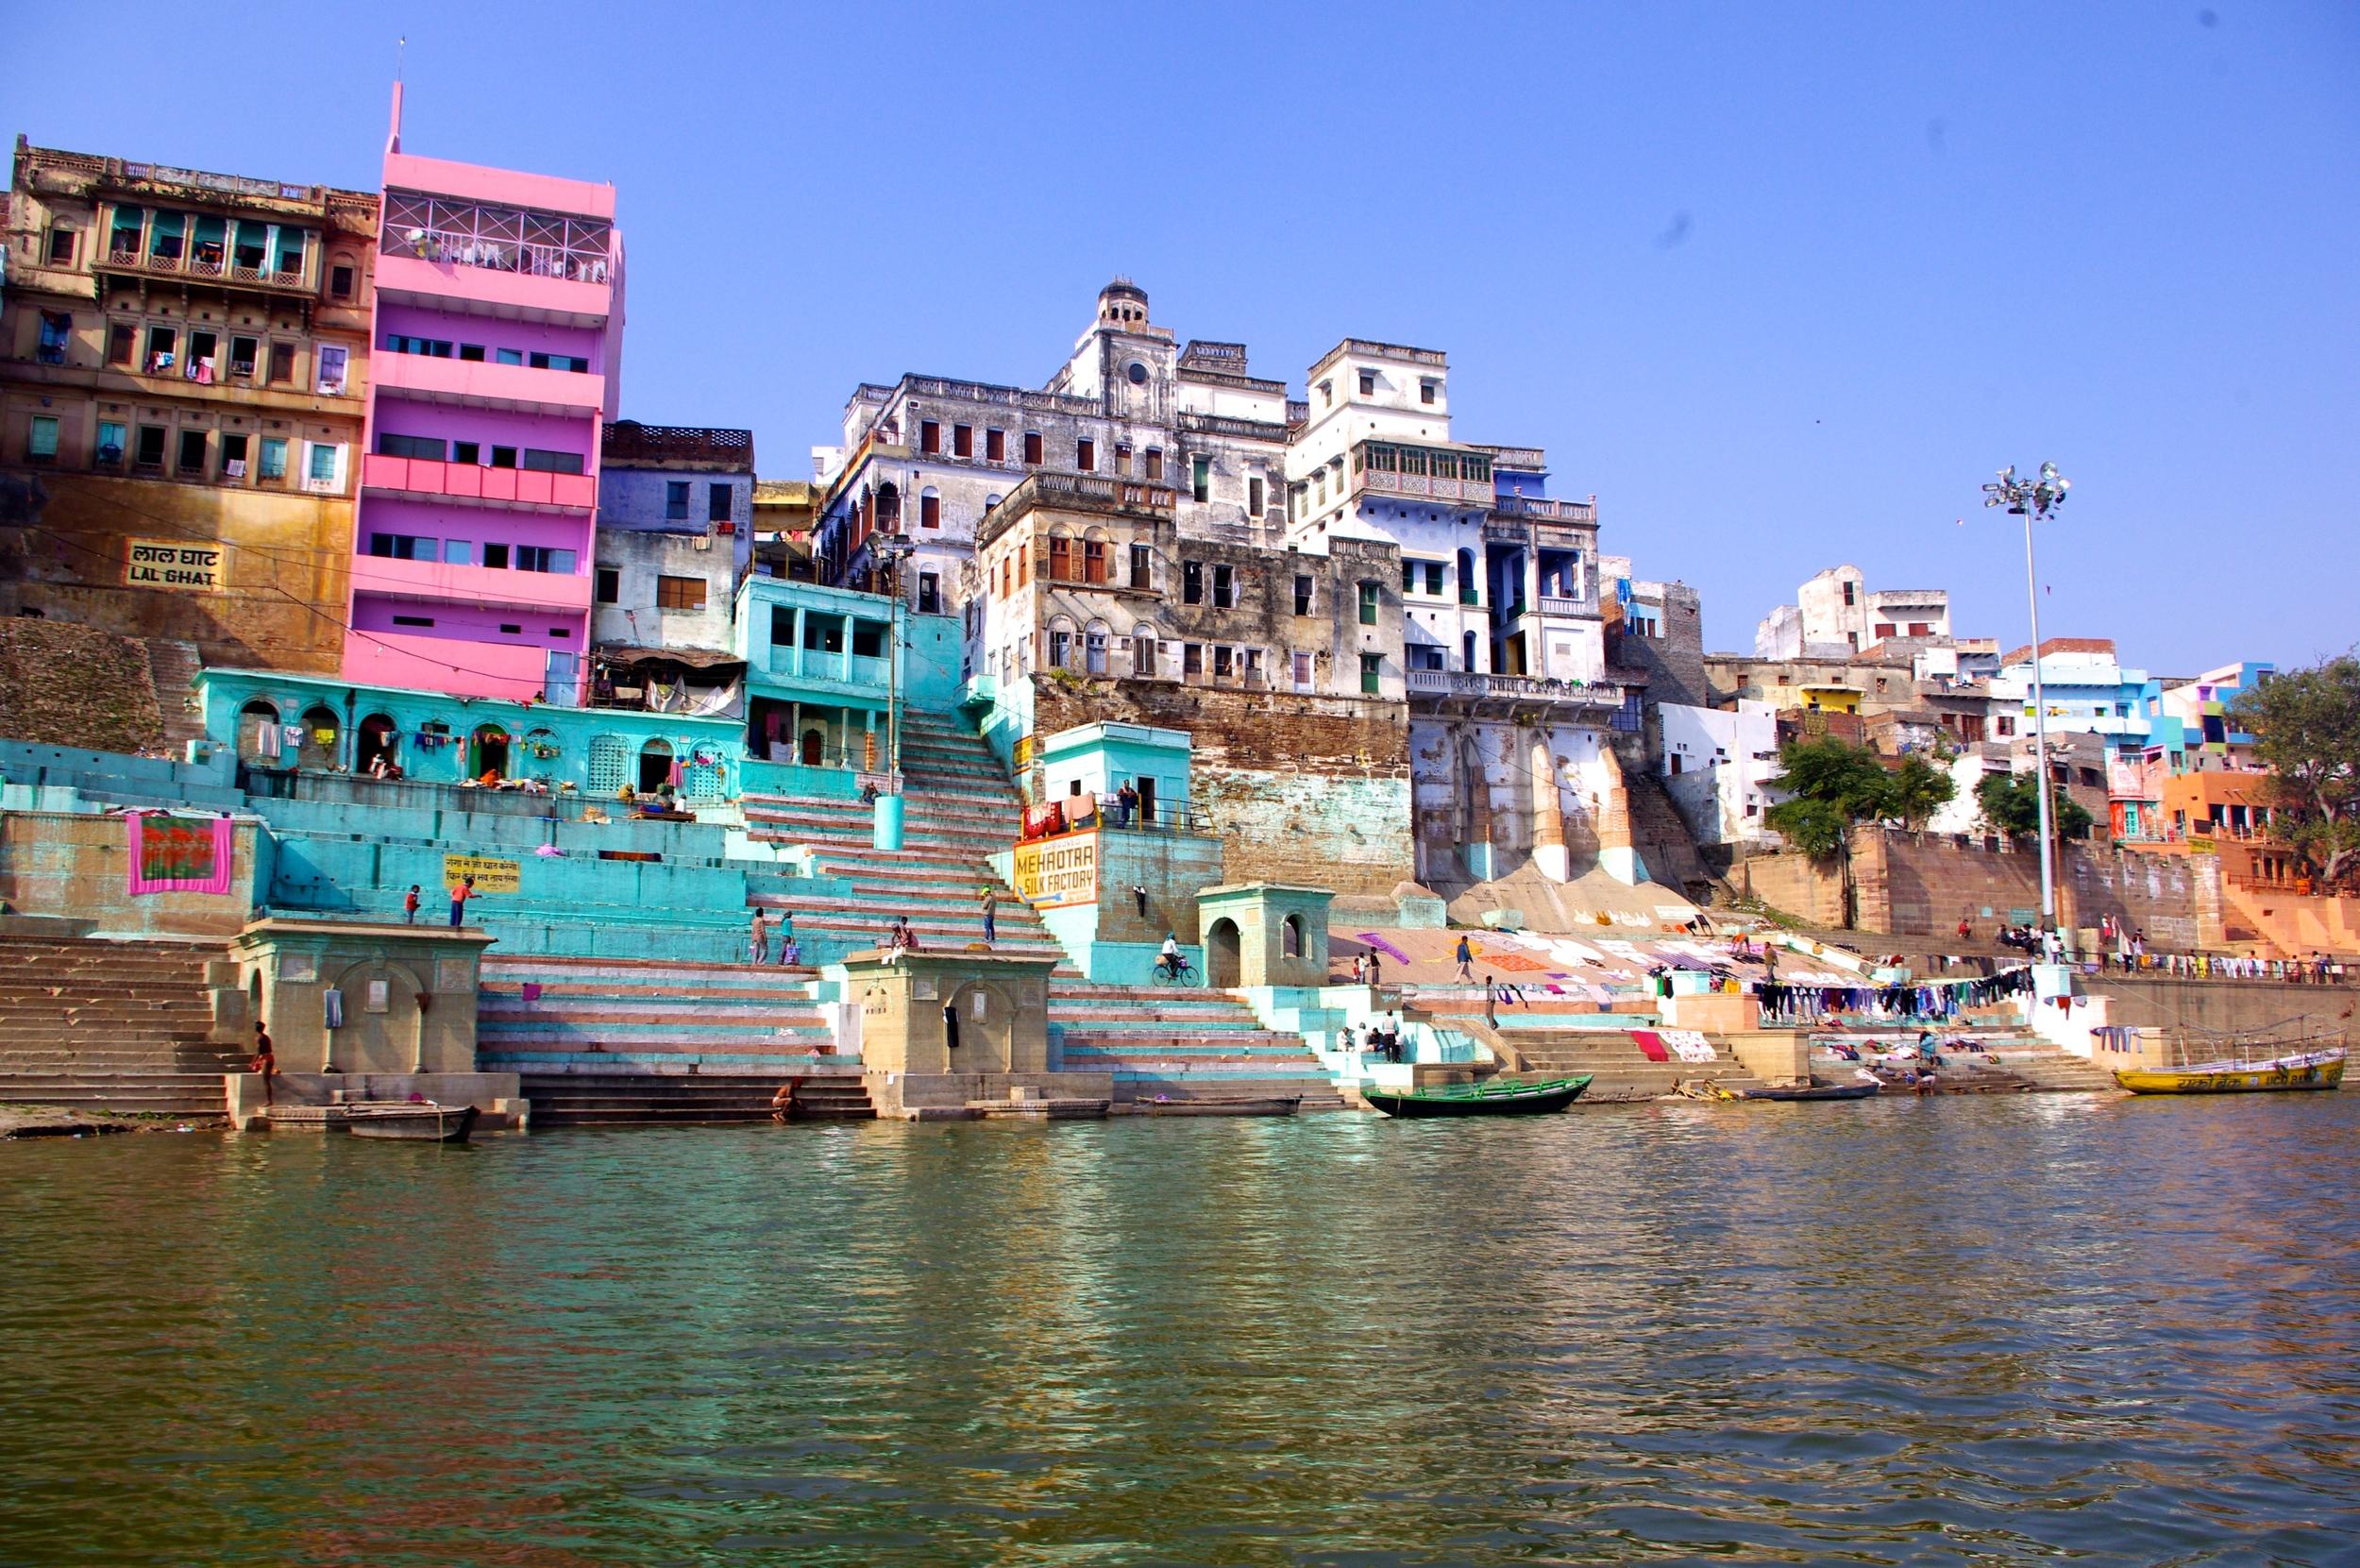 Colorful Varanasi on the banks of Mother Ganga